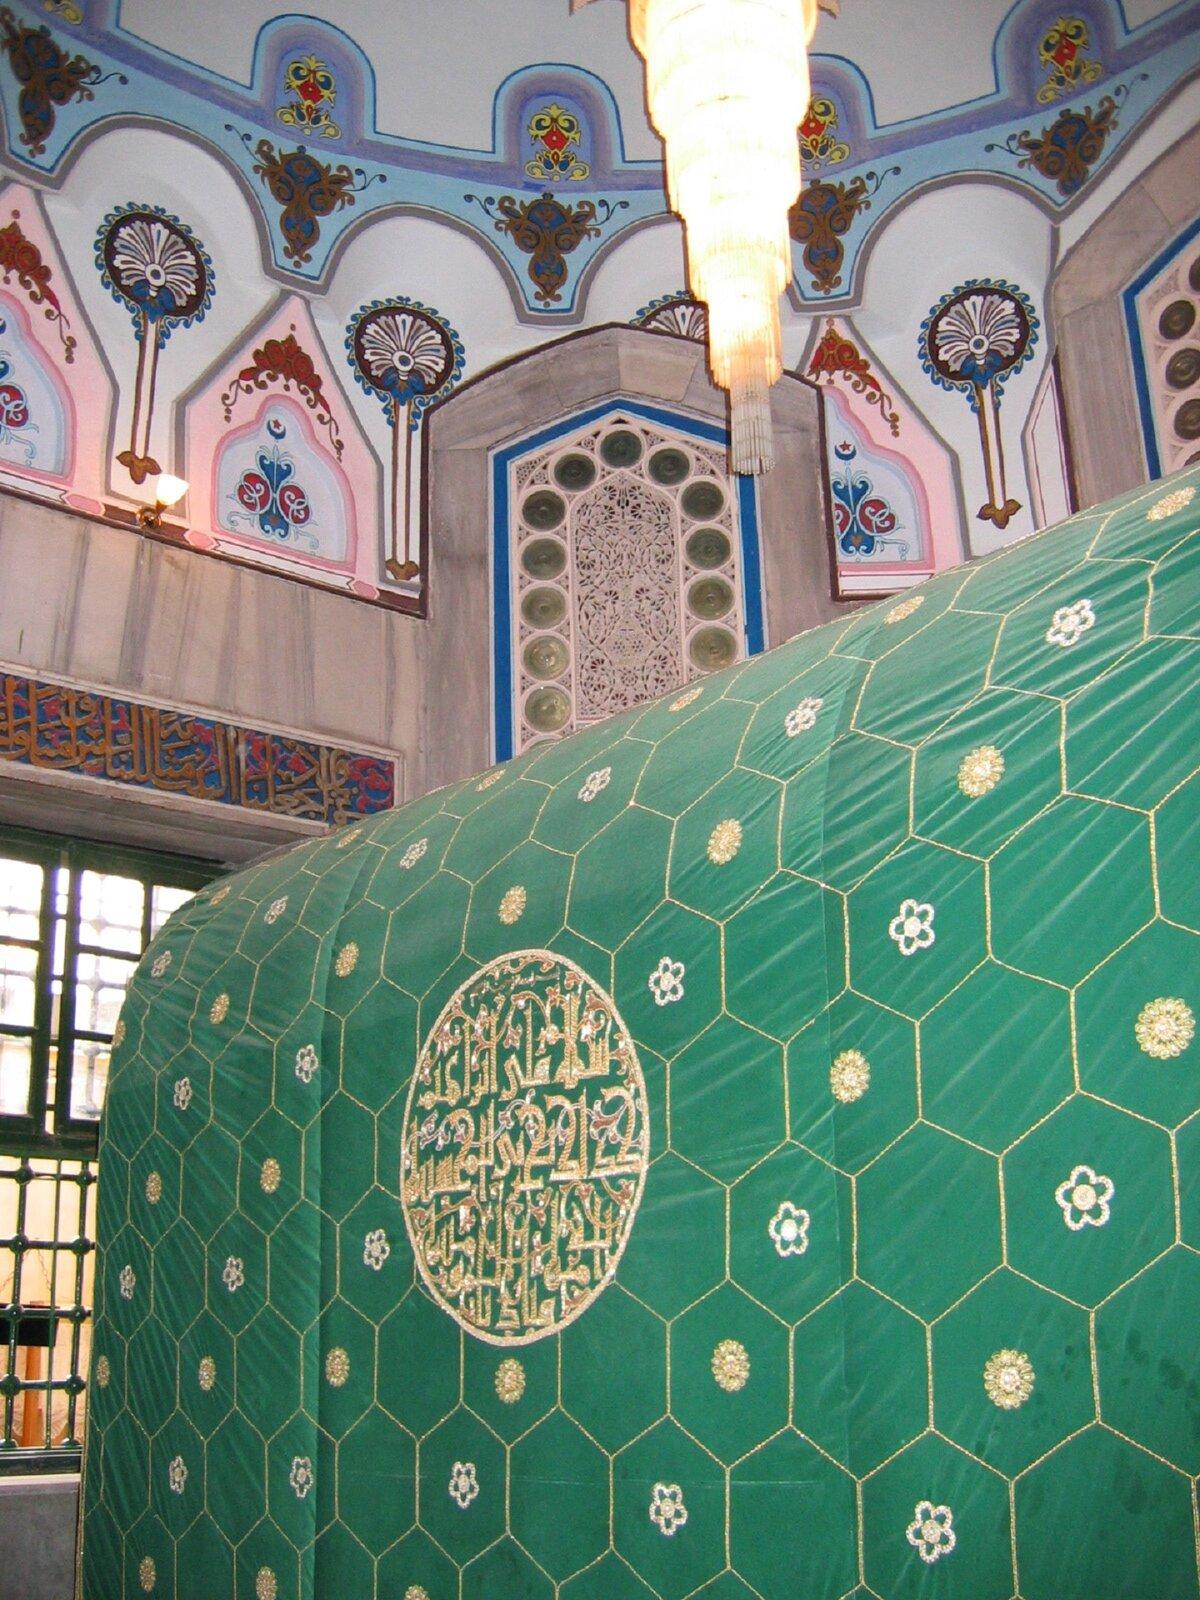 Ilustracja przedstawia Grób Abrahama. Grafika ukazuje liczne kolorowe zdobienia ścian oraz długi wiszący żyrandol. Na głównym planie widoczne jest zielone, zdobione złotymi wzorami płótno.